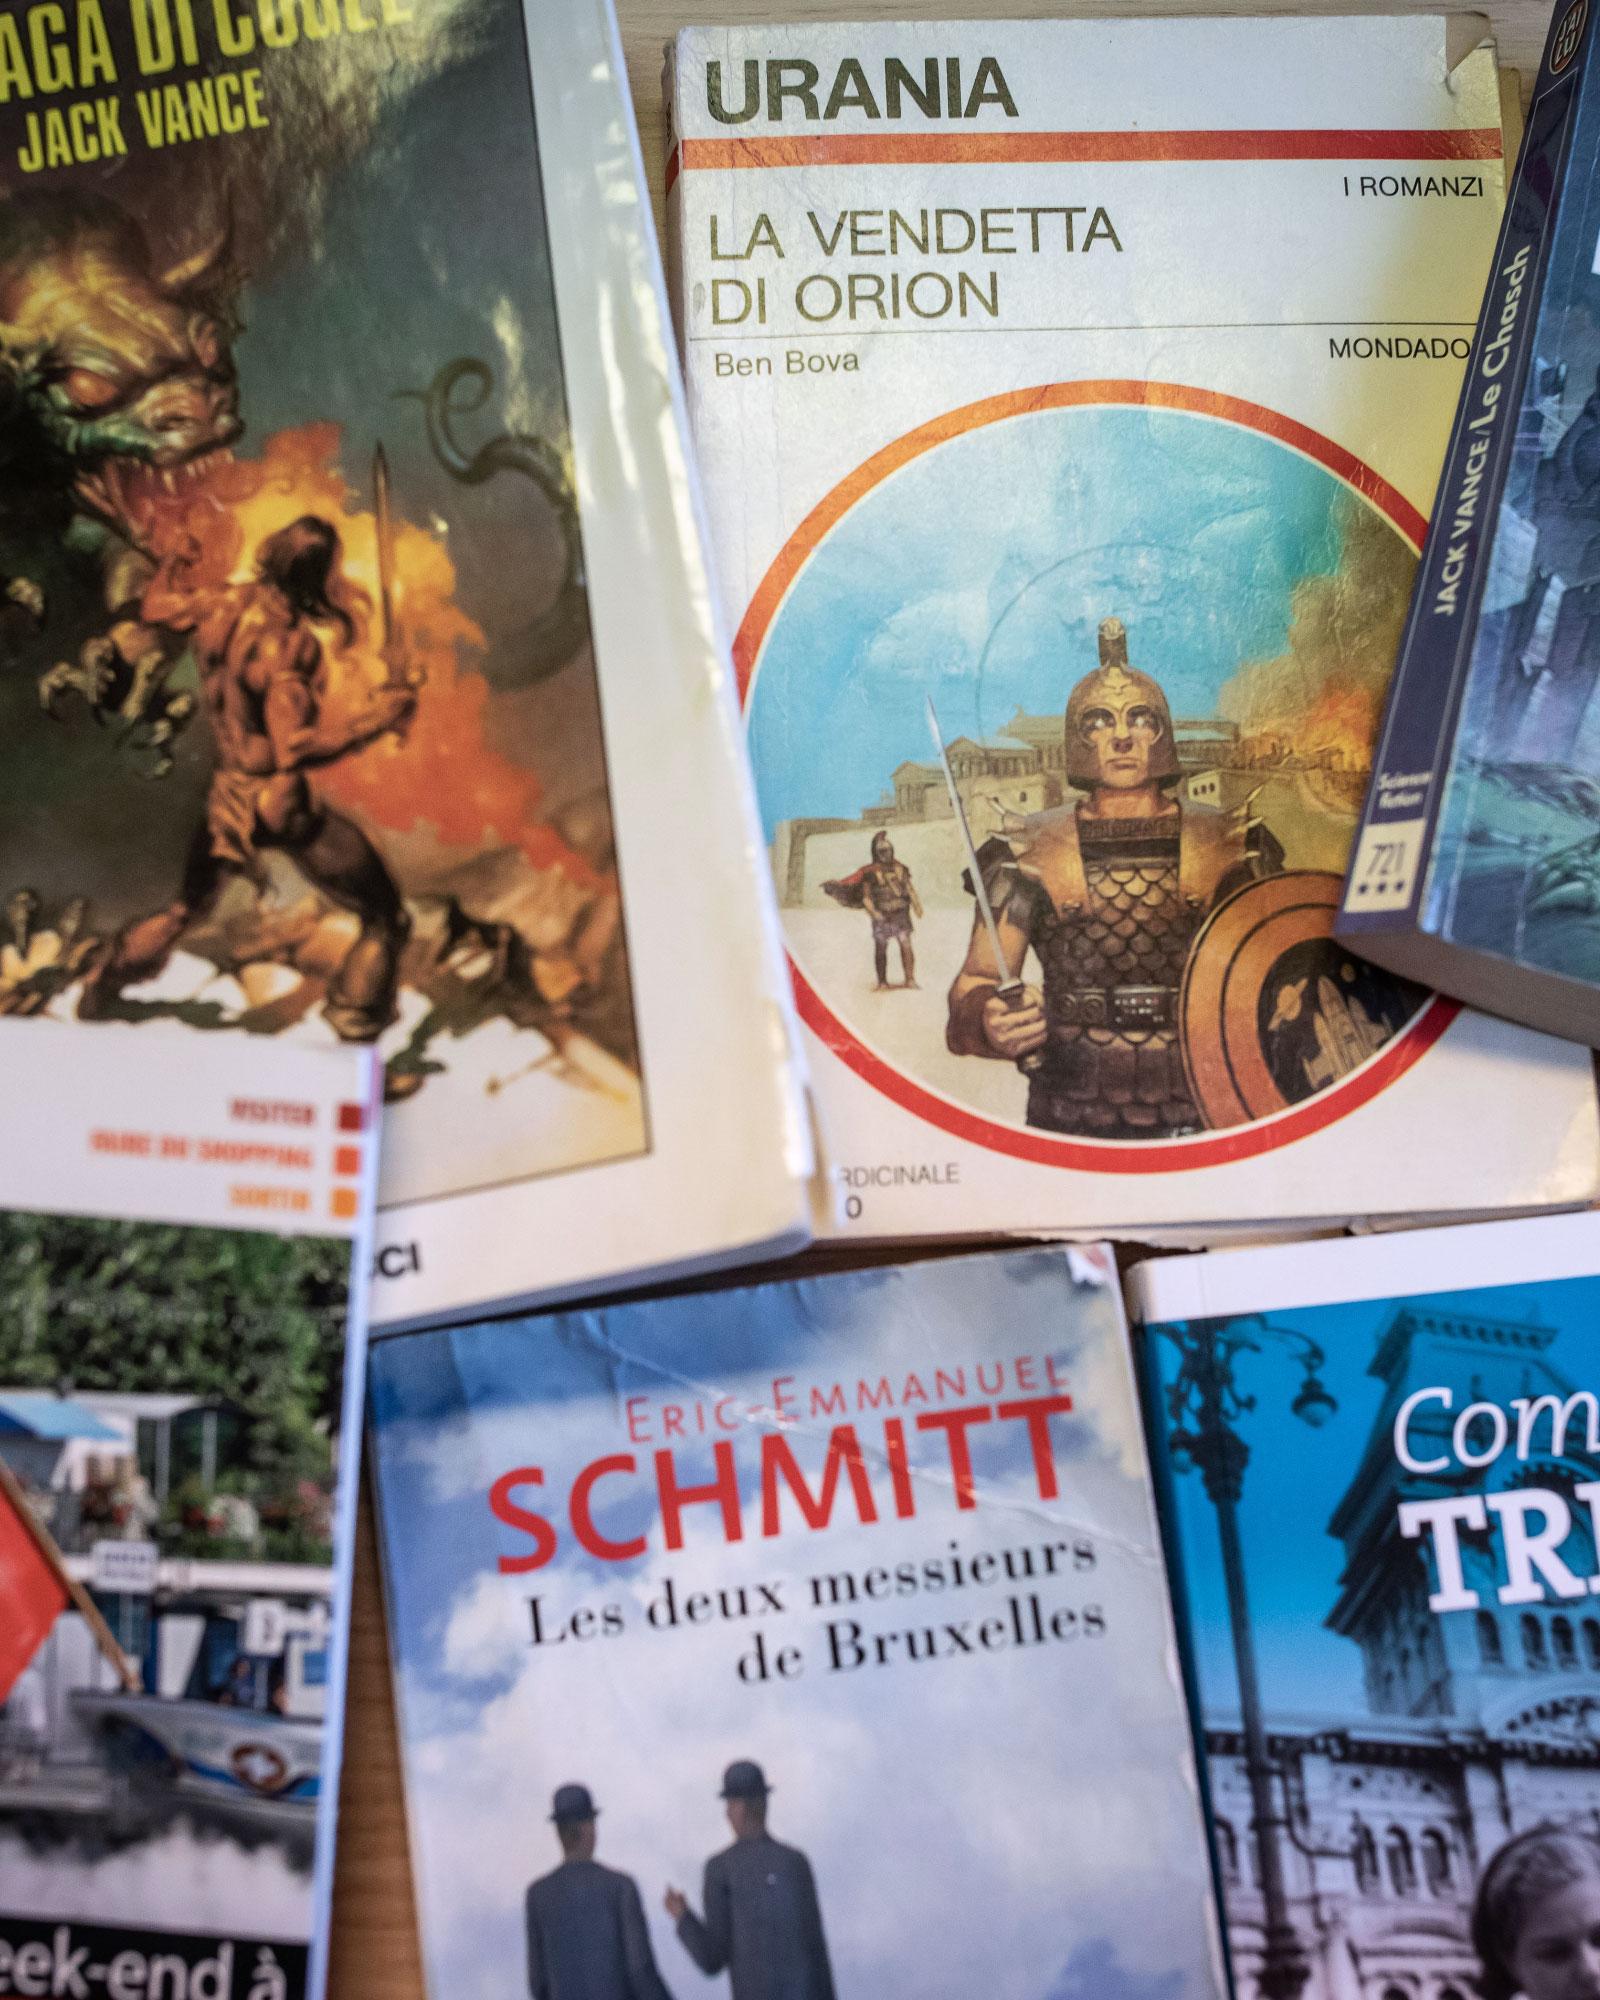 Some of Pettorino's favorite sci-fi books.